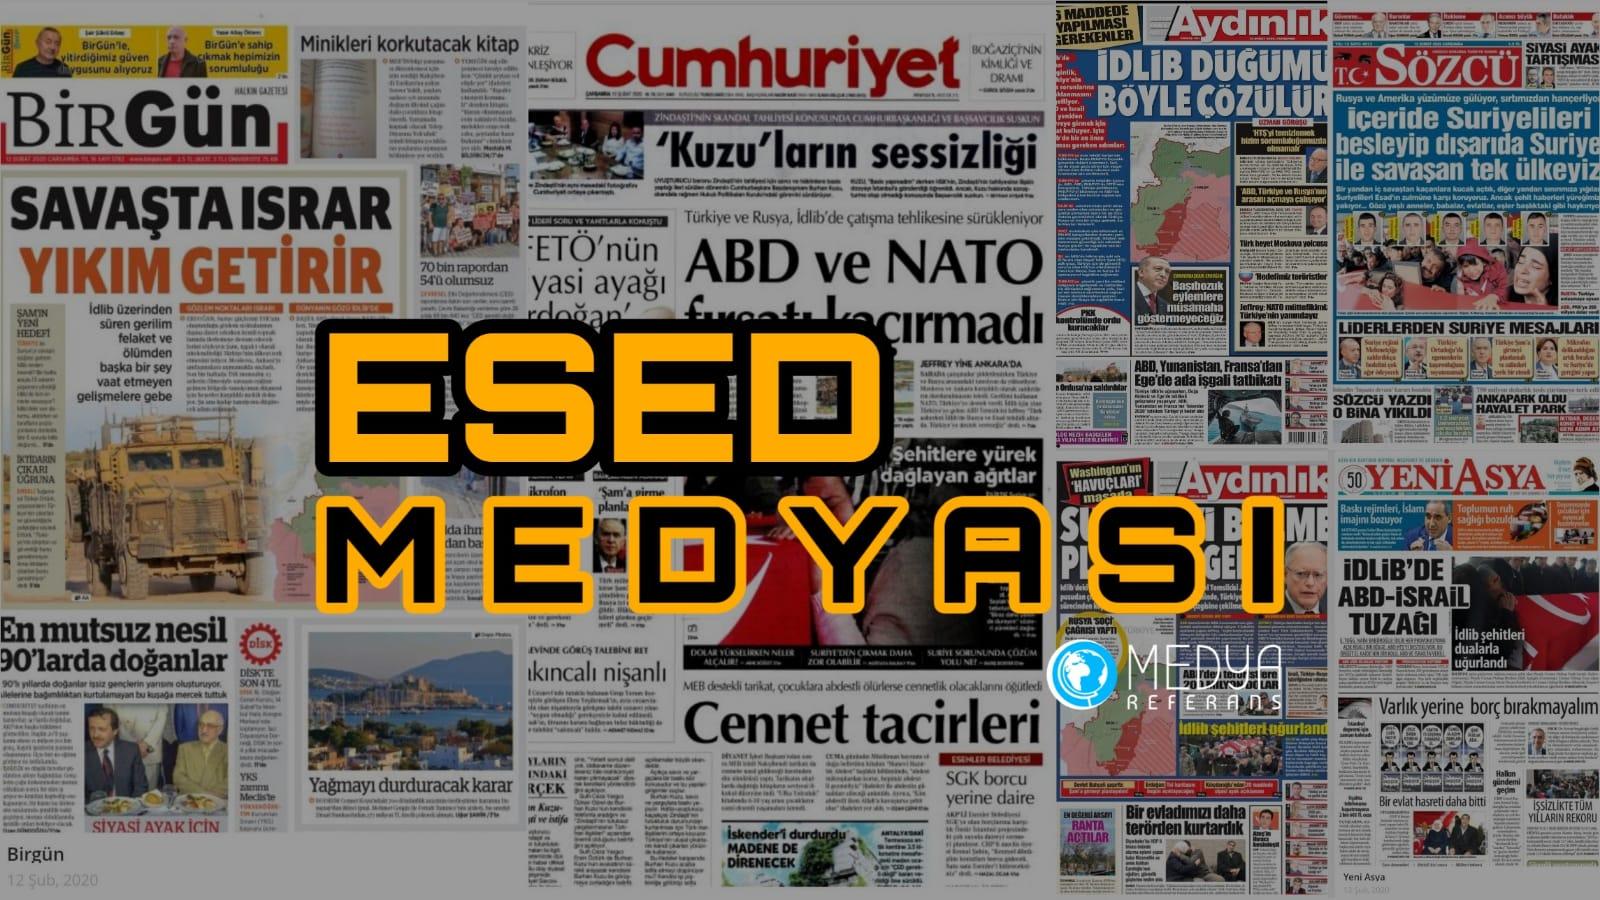 Türkiye'ye Karşı Esed'i Destekliyorlar